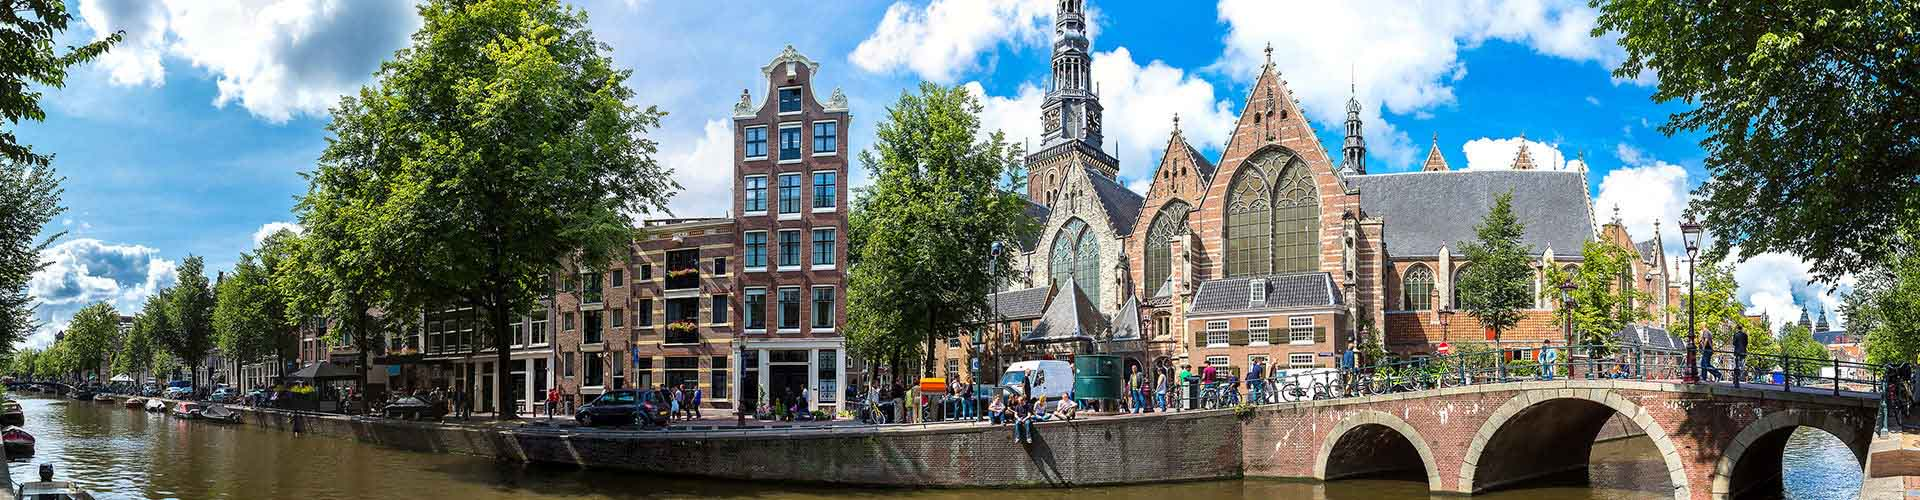 Amsterdam - Auberges de jeunesse près de Oude Kerk. Cartes pour Amsterdam, photos et commentaires pour chaque auberge de jeunesse à Amsterdam.